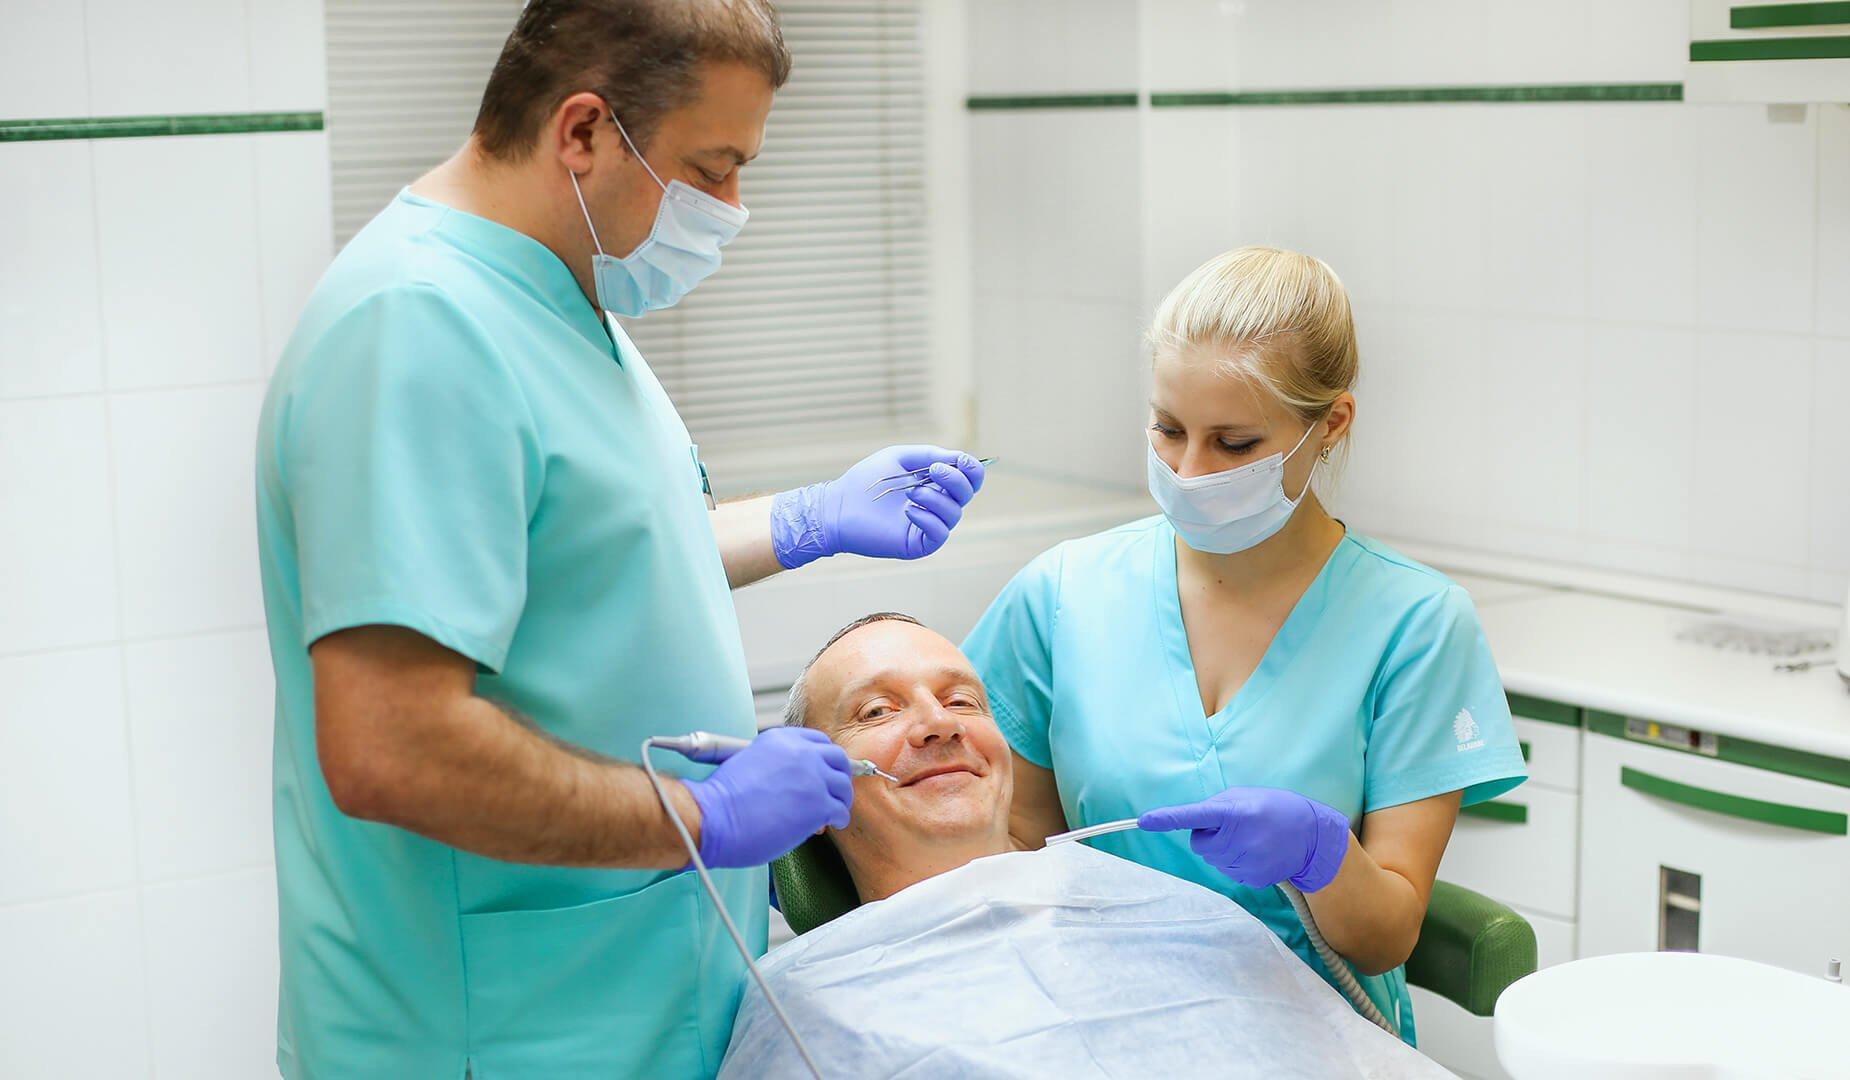 Пациентка оценивает результат отбеливания